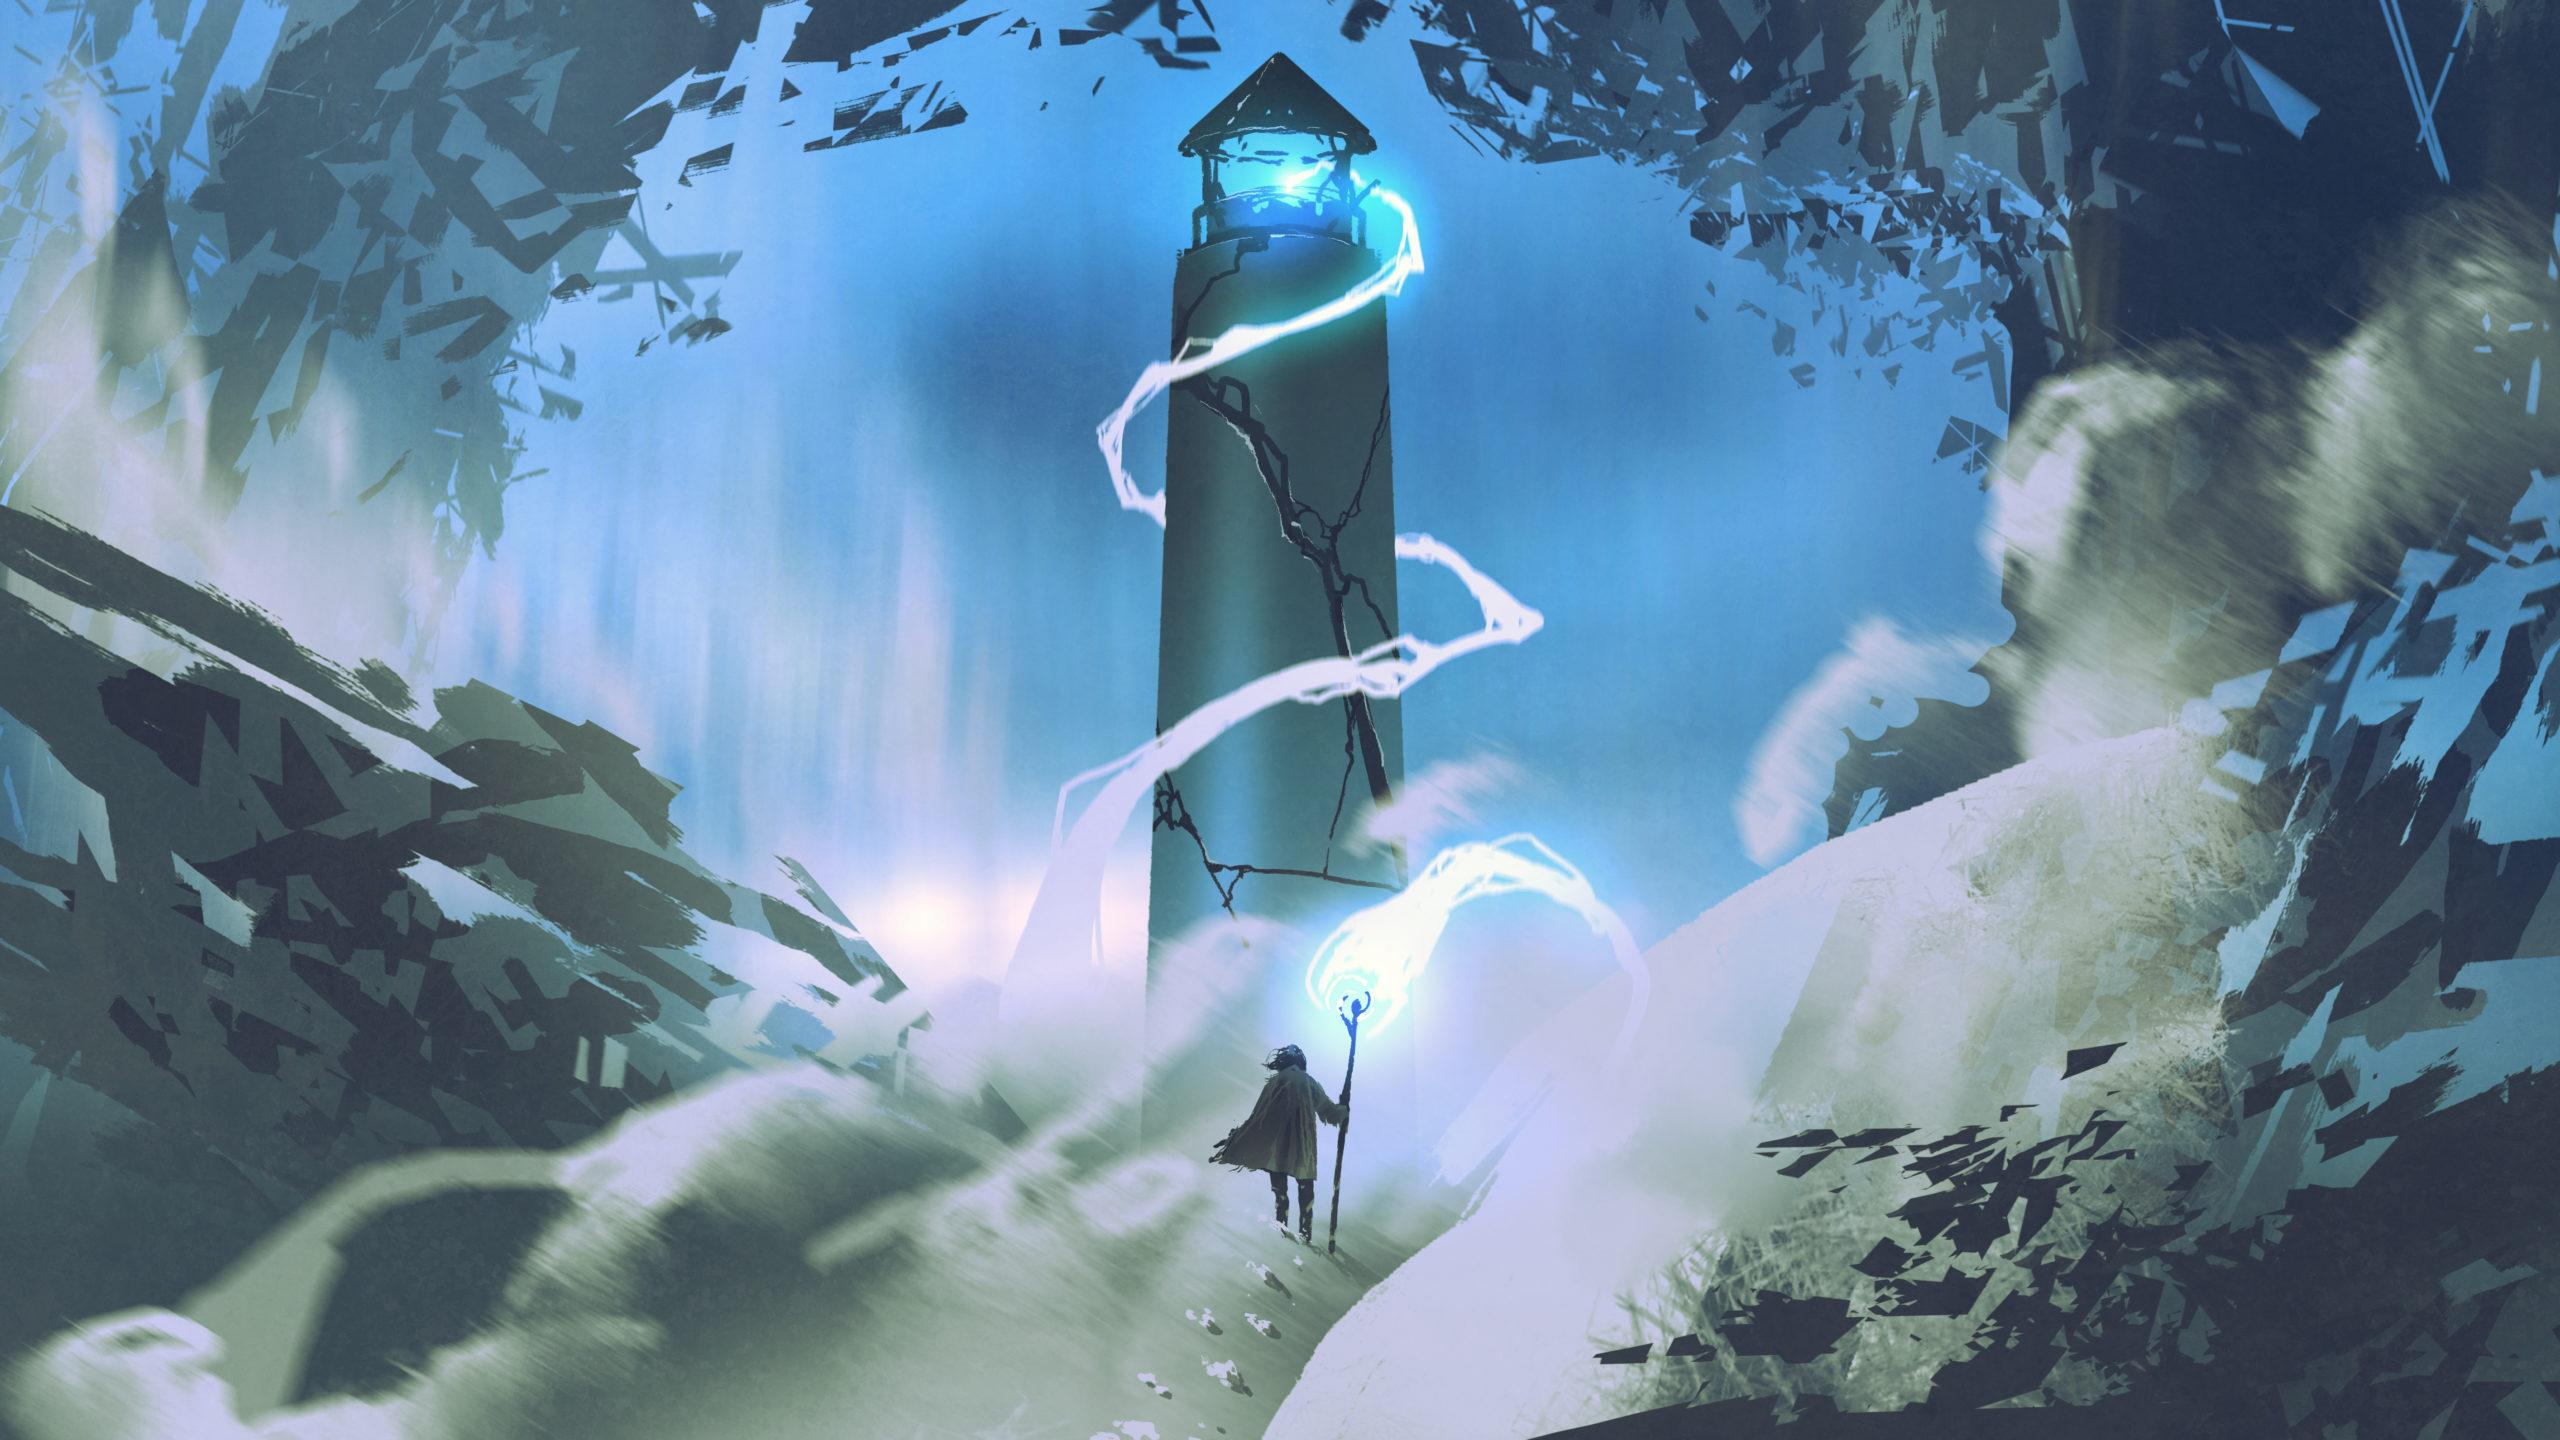 Opowieści z Narnii (C S LEWIS) Siostrzeniec czarodzieja - Digory Kirke - jak powstała narnia?